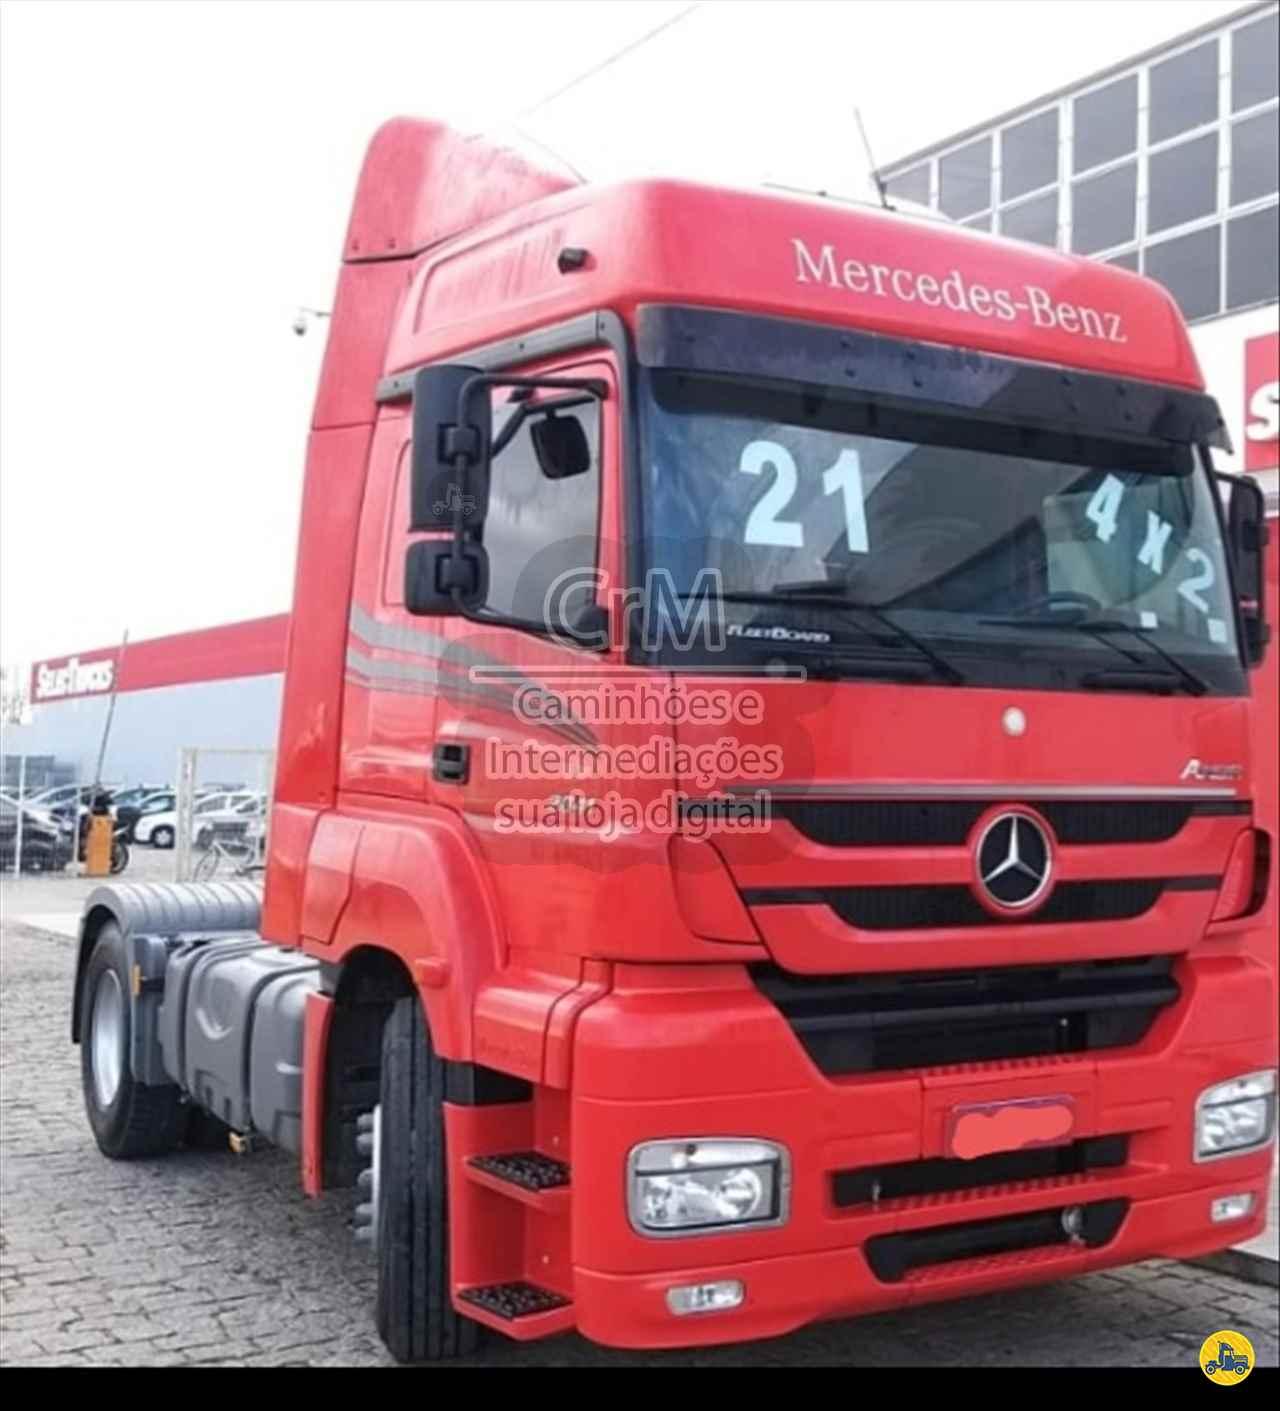 CAMINHAO MERCEDES-BENZ MB 2041 Cavalo Mecânico Toco 4x2 CRM Caminhões Curitiba CAMPINA GRANDE DO SUL PARANÁ PR